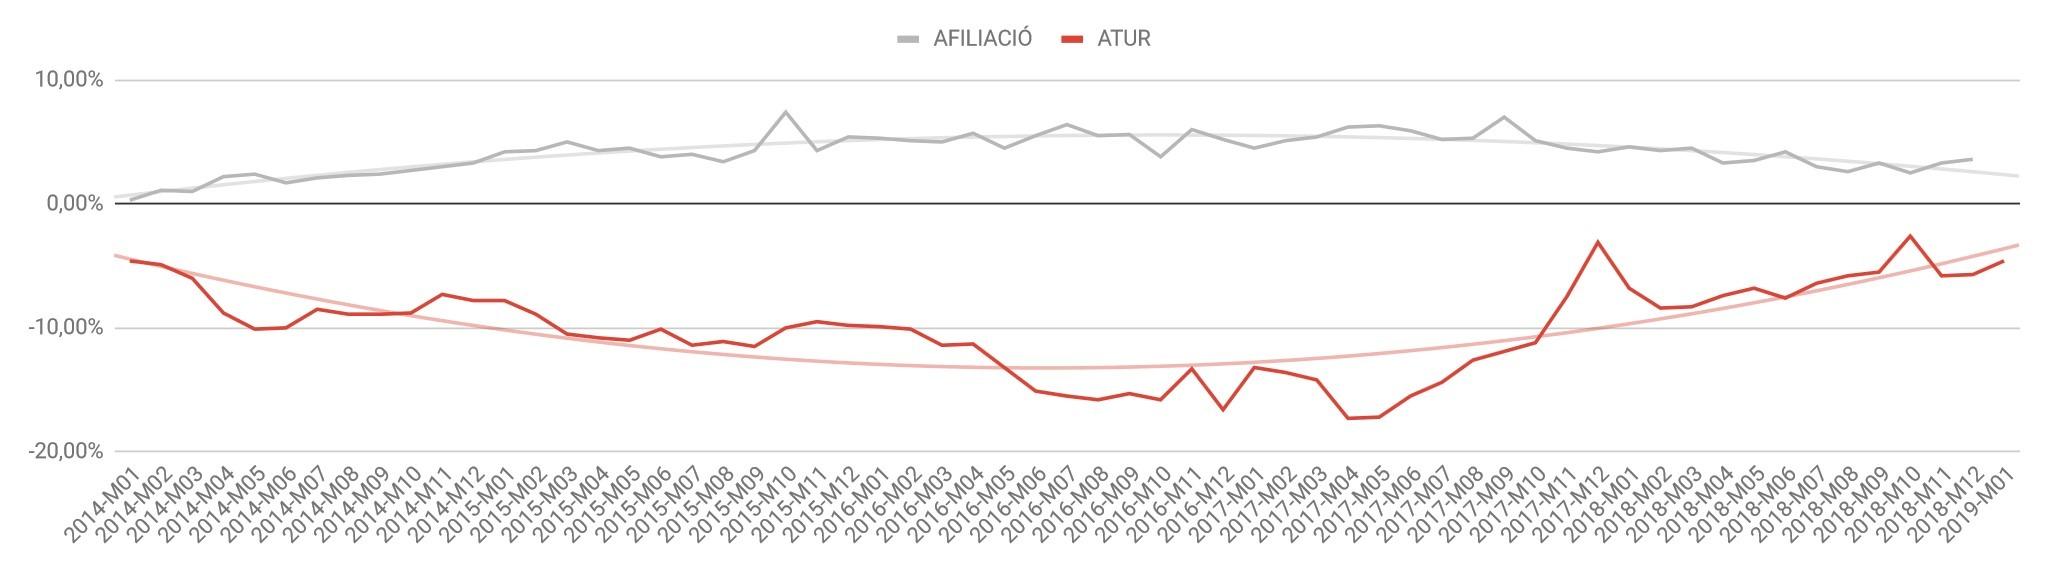 Palma registra l'ocupació més alta dels darrers 13 anys durant un mes de desembre